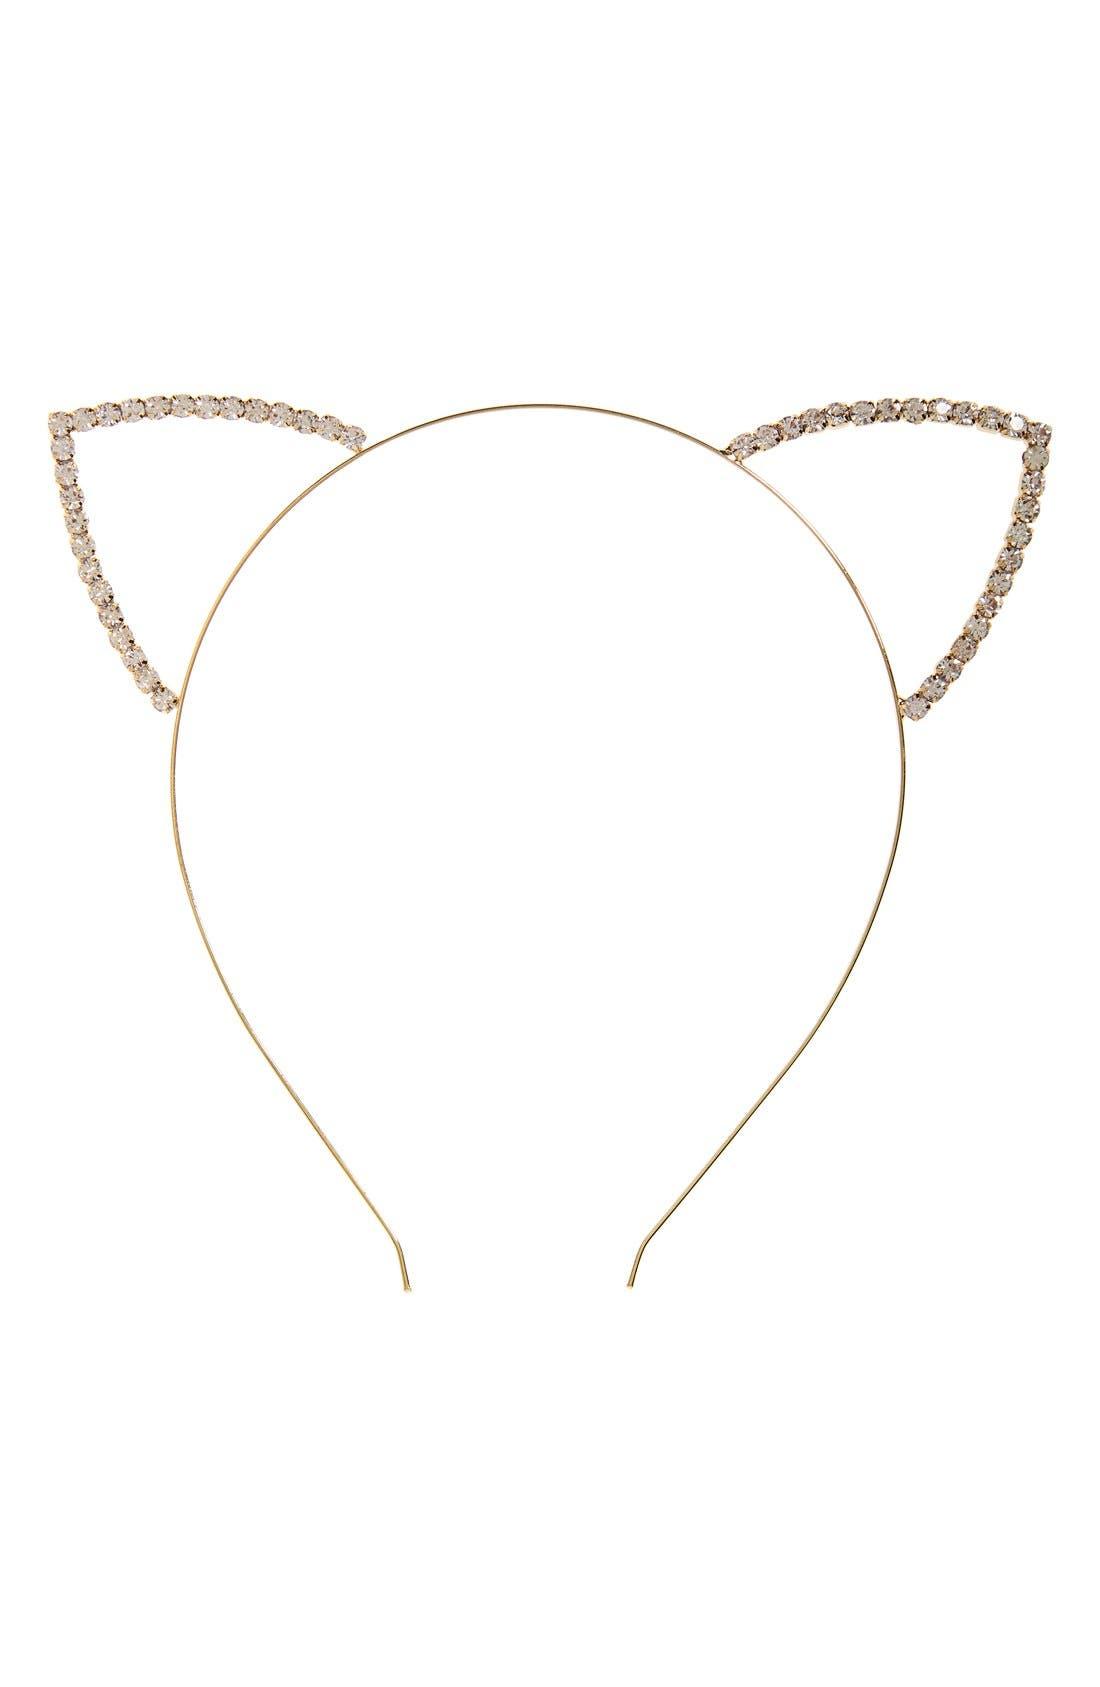 Main Image - Cara 'Meow' Crystal Cat Ear Headband